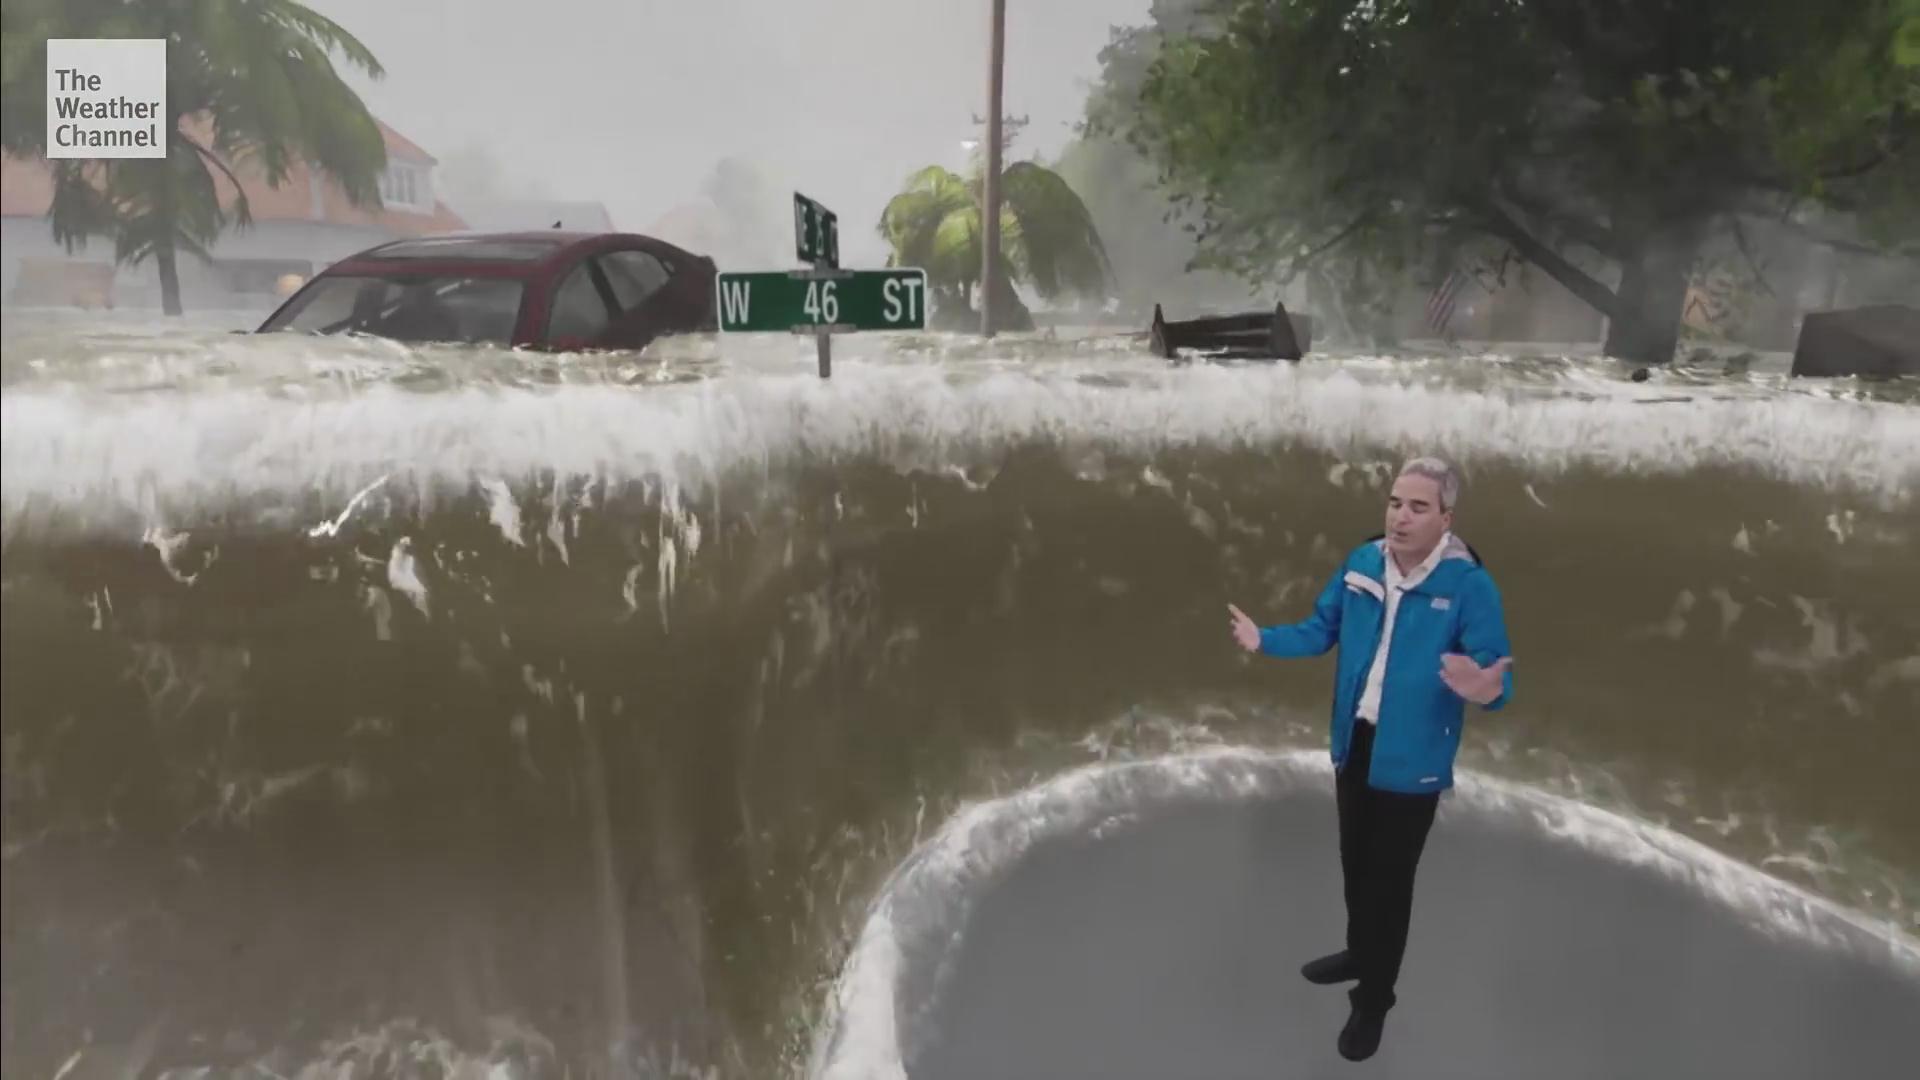 """飓风""""弗洛伦斯""""登陆美国 MR技术展示破坏性威力"""